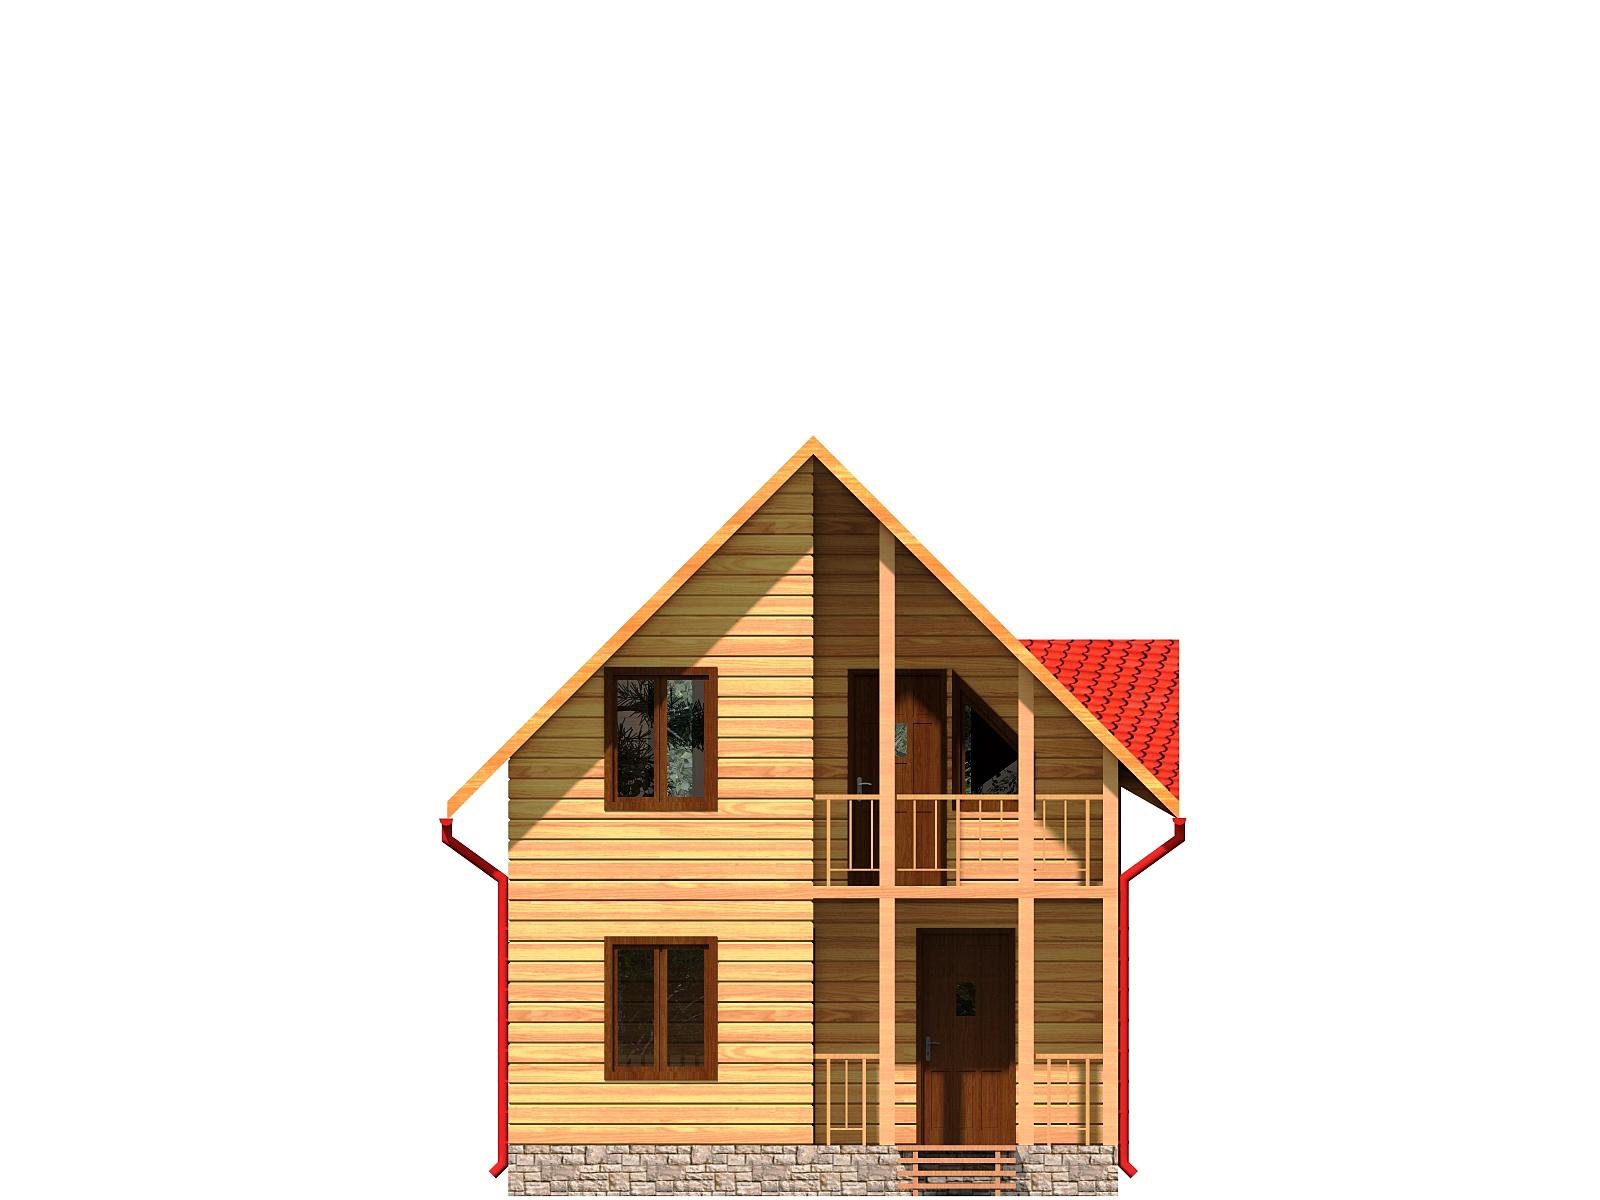 Проект дома из бруса 6х9,5 1,5 этажа с террасой и балконом. Разрез 1.